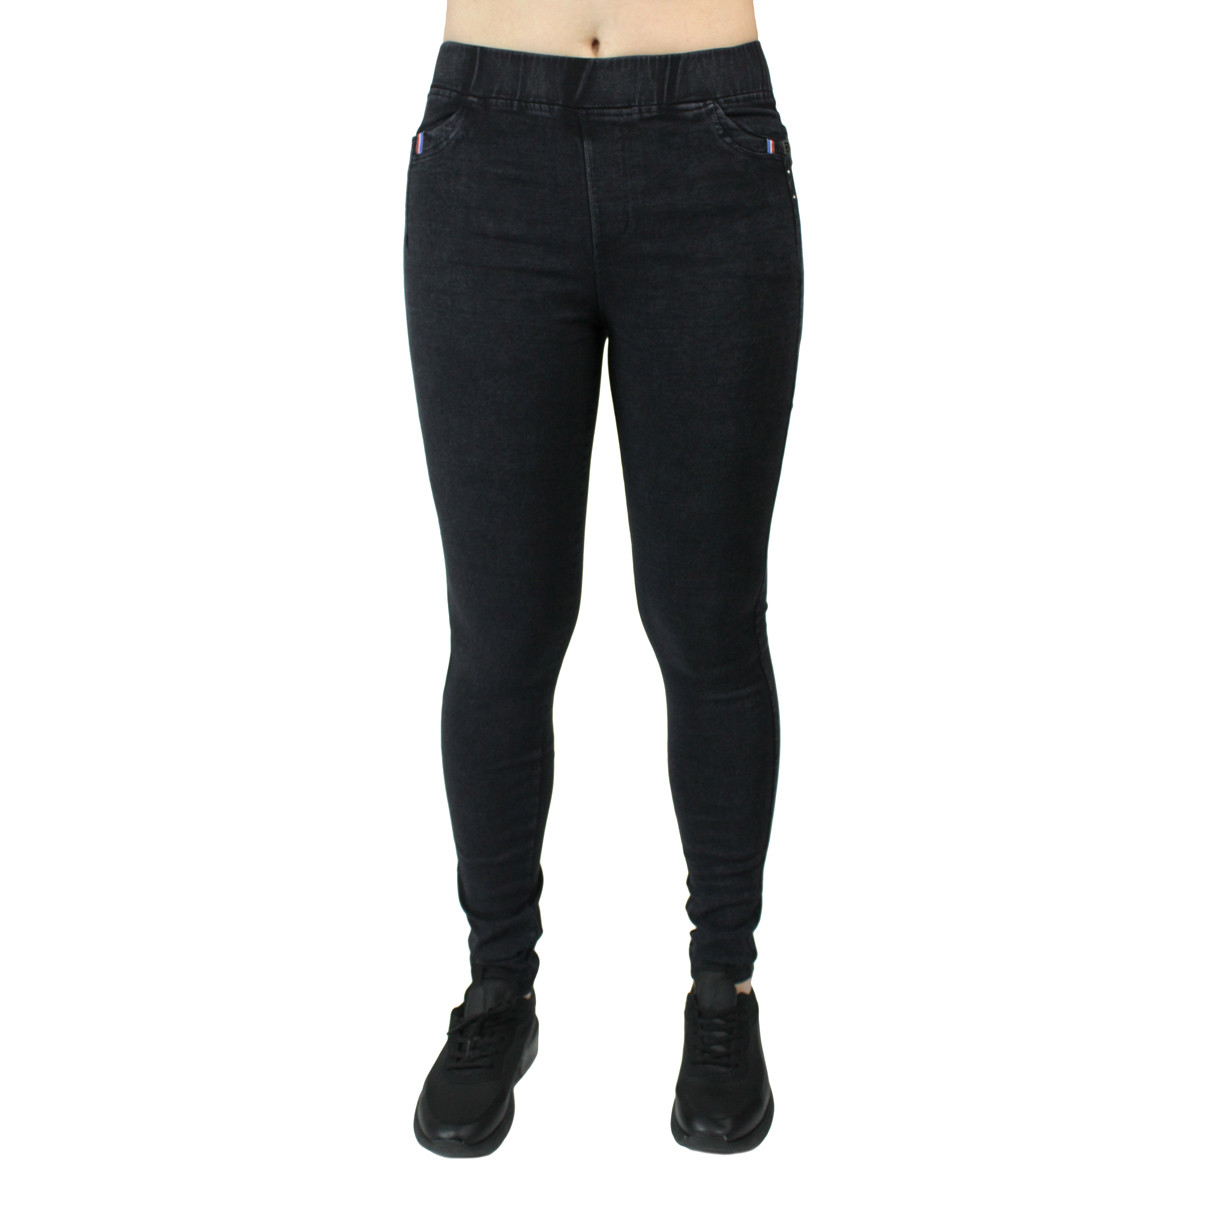 Джеггинсы черные джинсовые женские повседневные Метелик